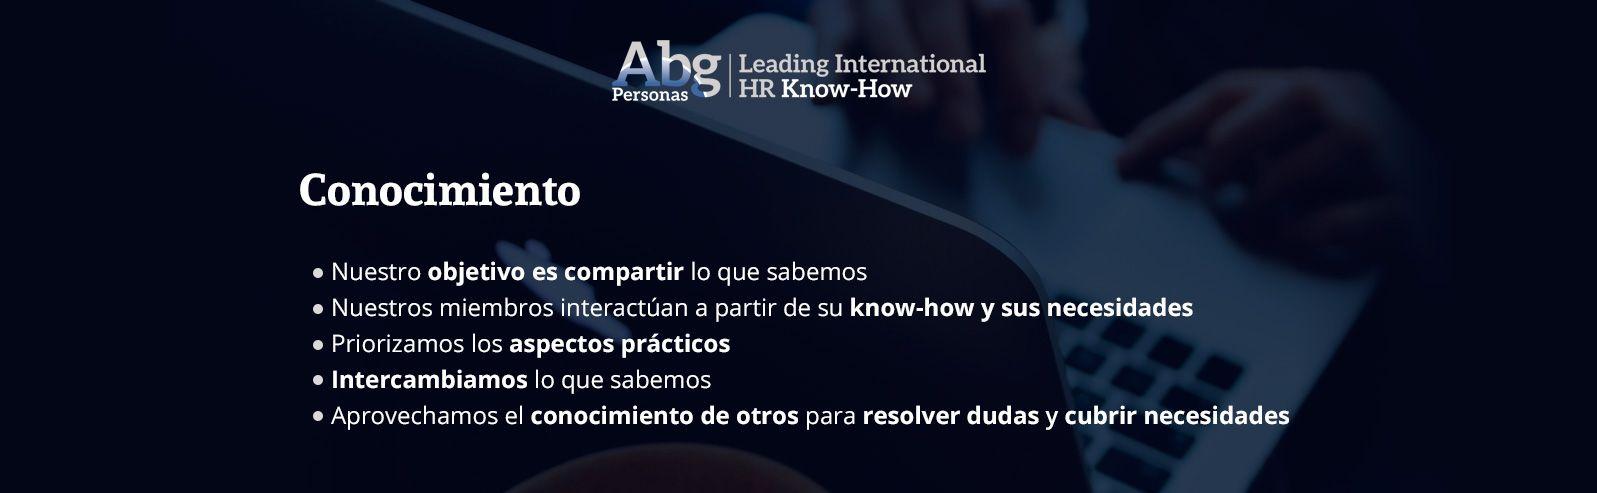 abg conocimiento